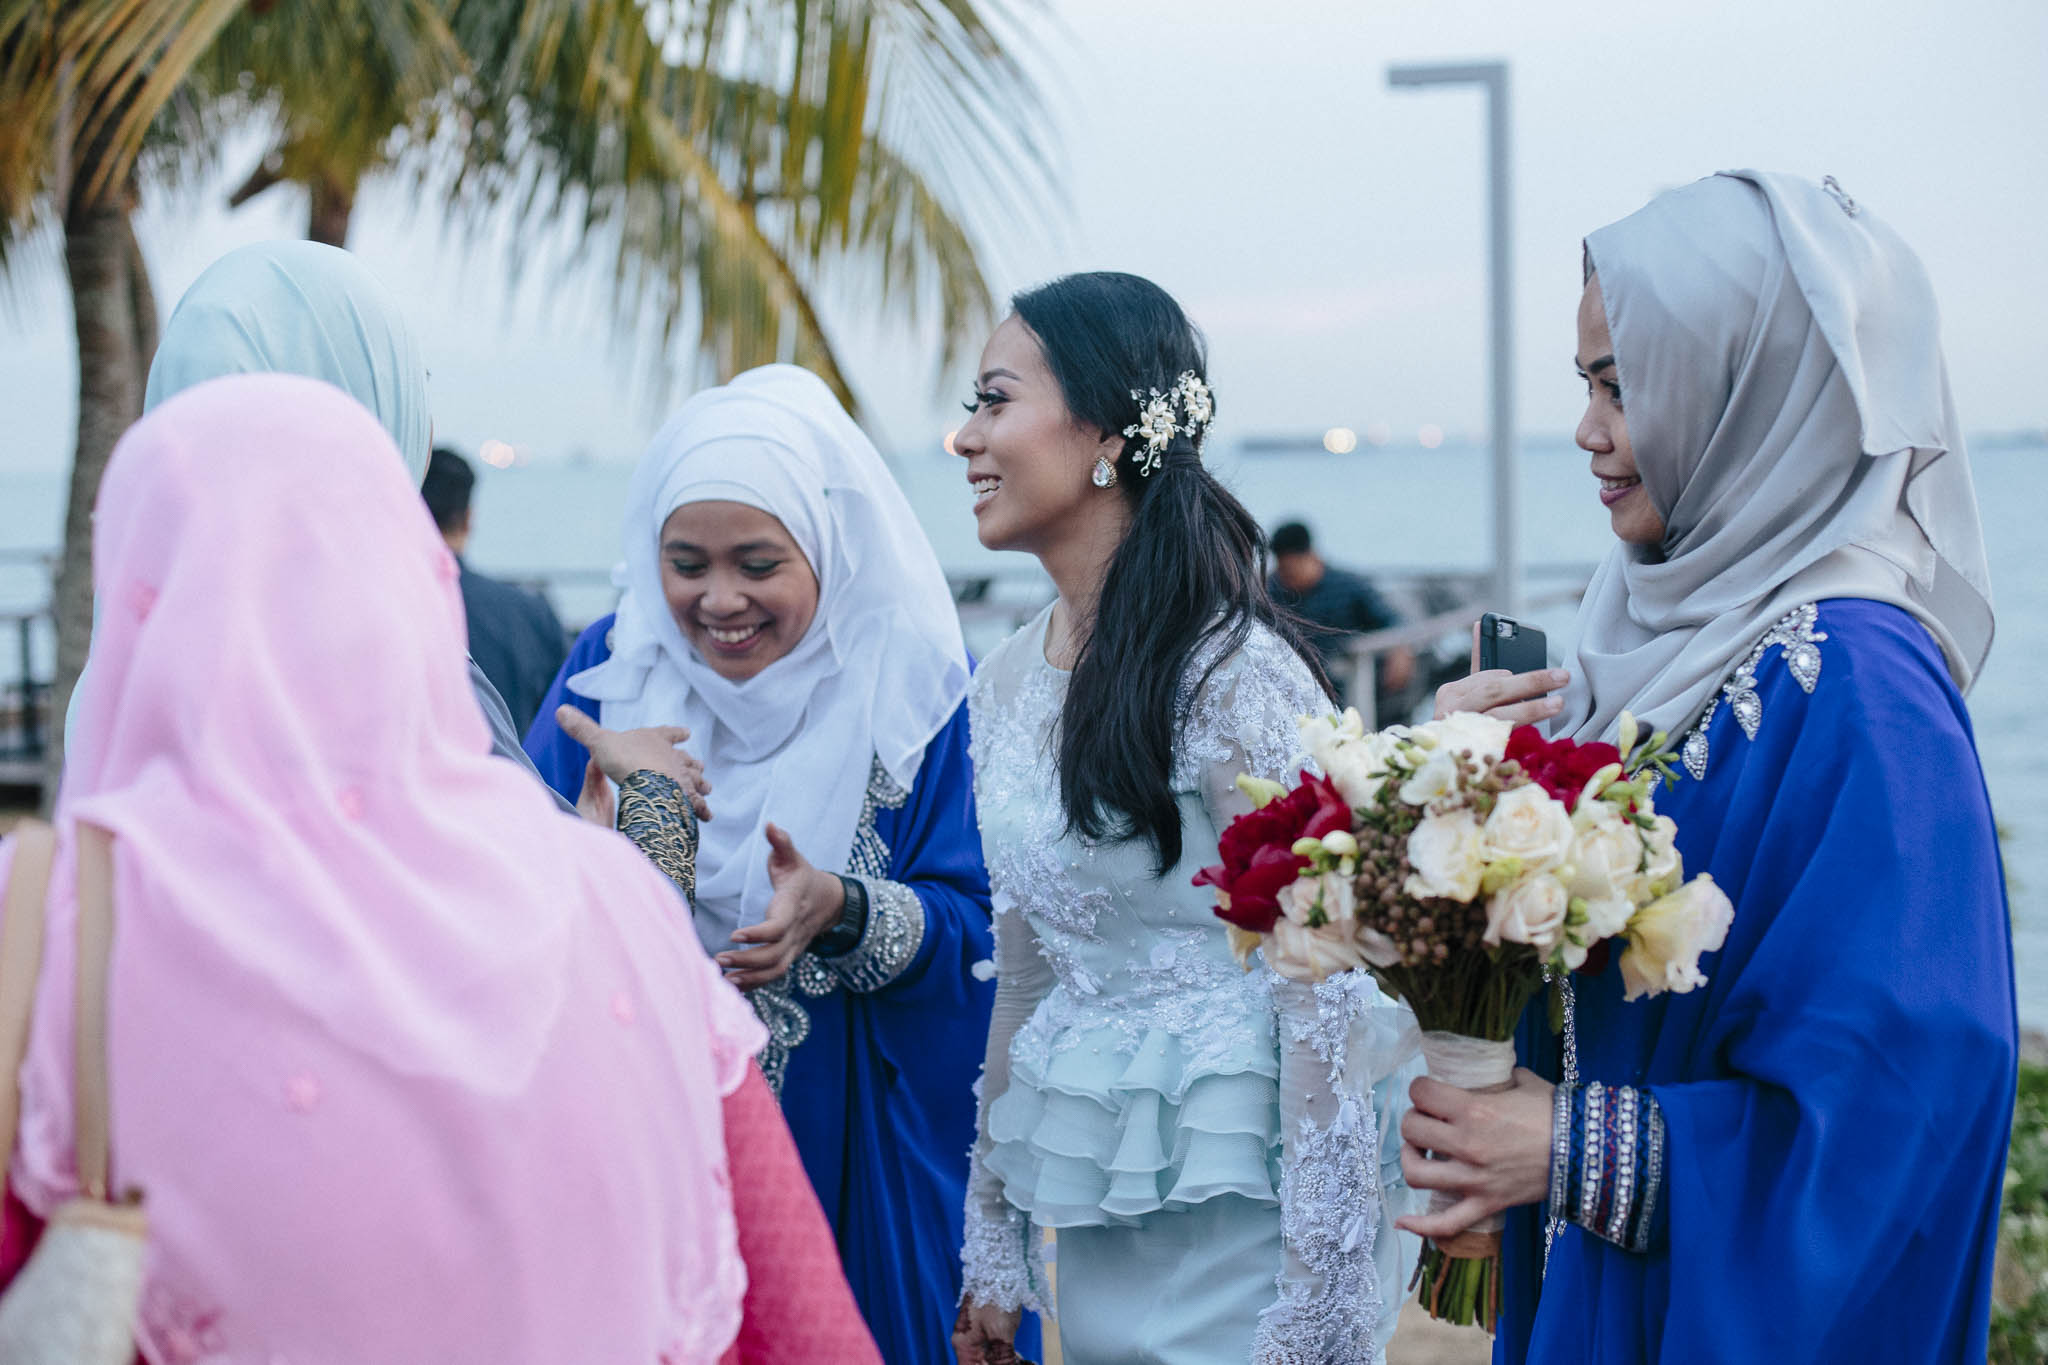 singapore-wedding-photographer-hafidz-hazlin-76.jpg